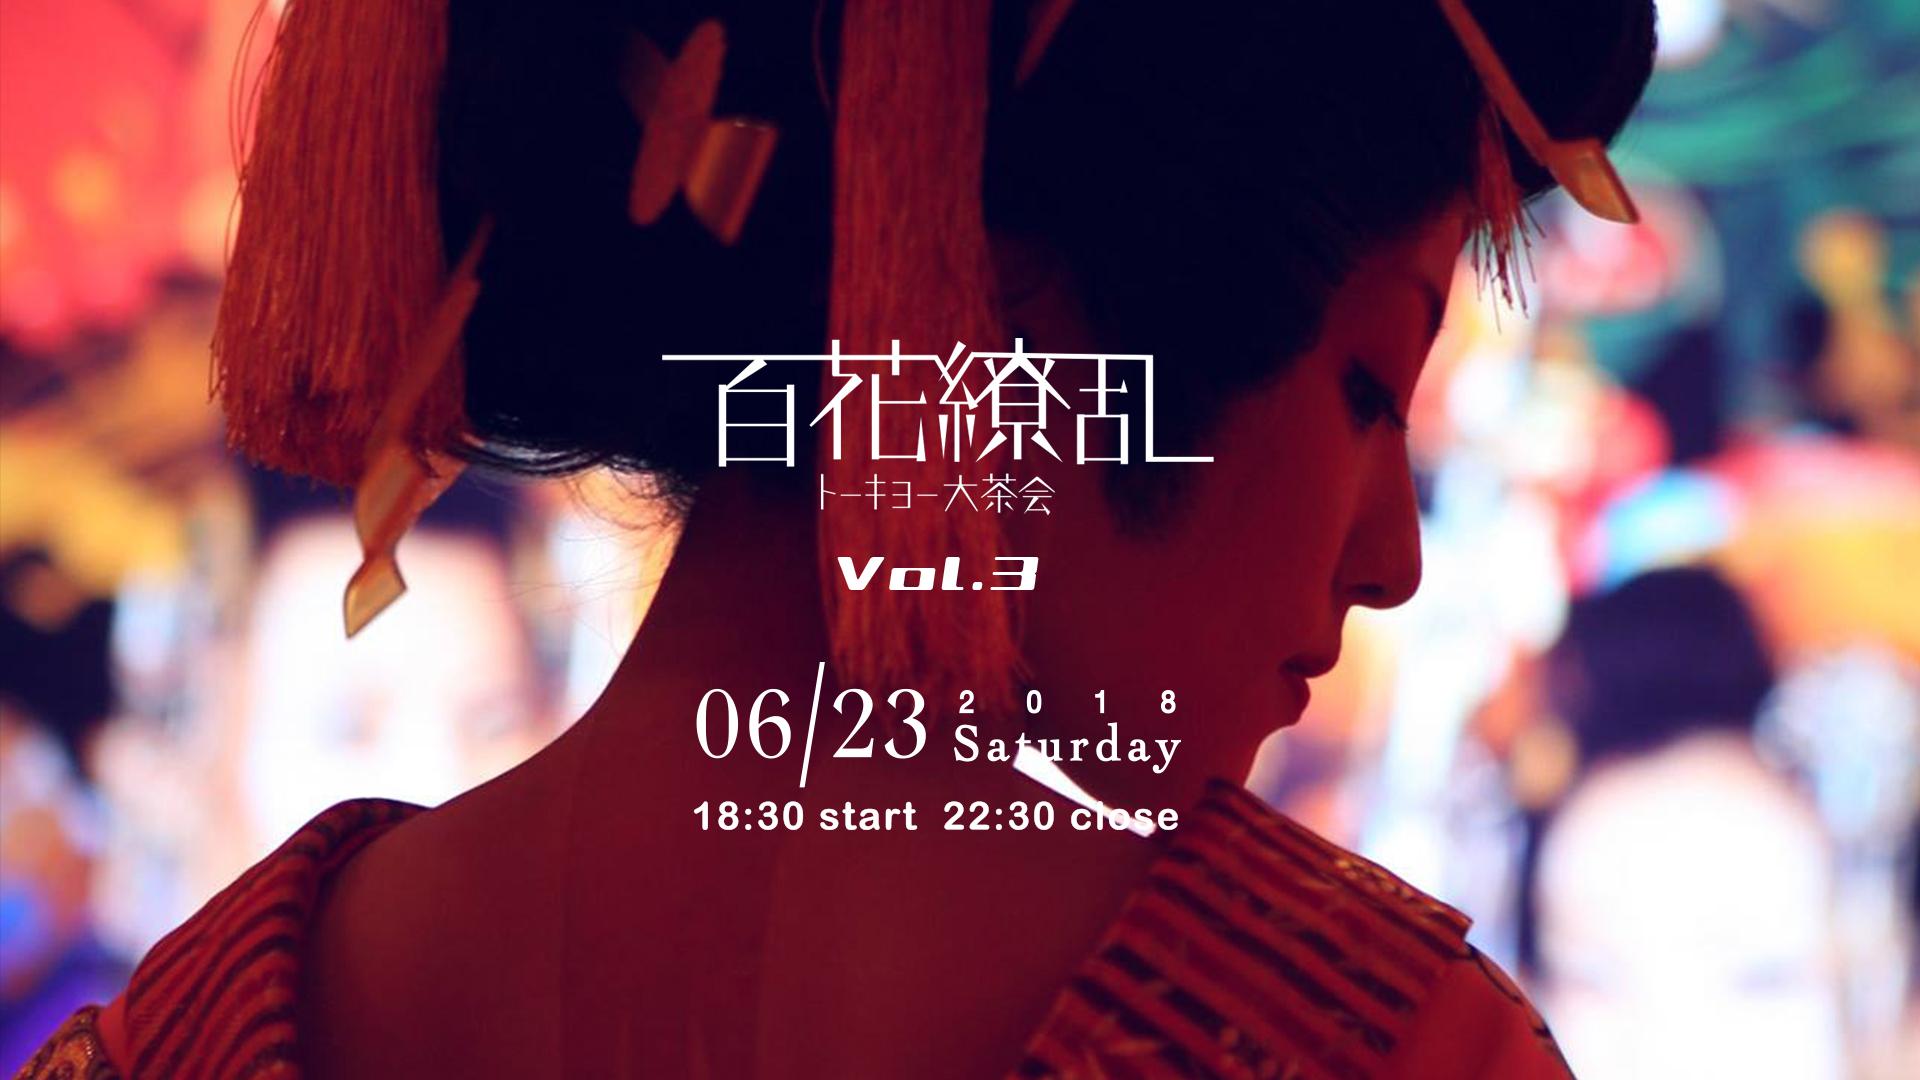 百花繚乱 〜トーキョー大茶会〜 Vol.3